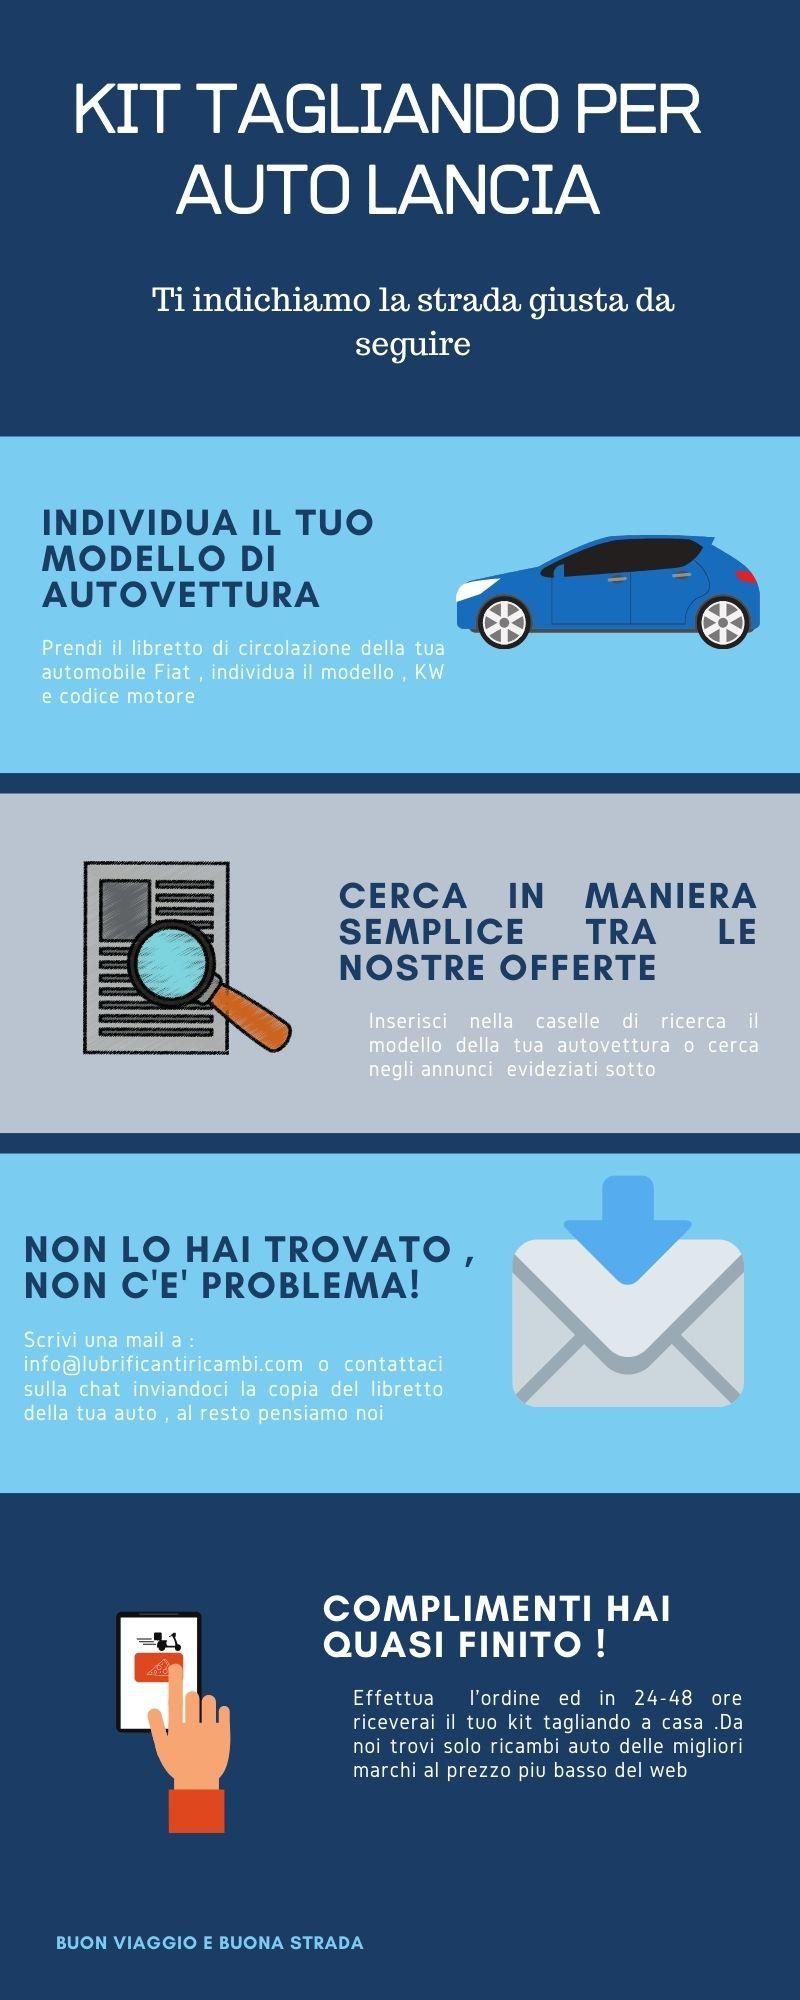 Kit Tagliando Lancia